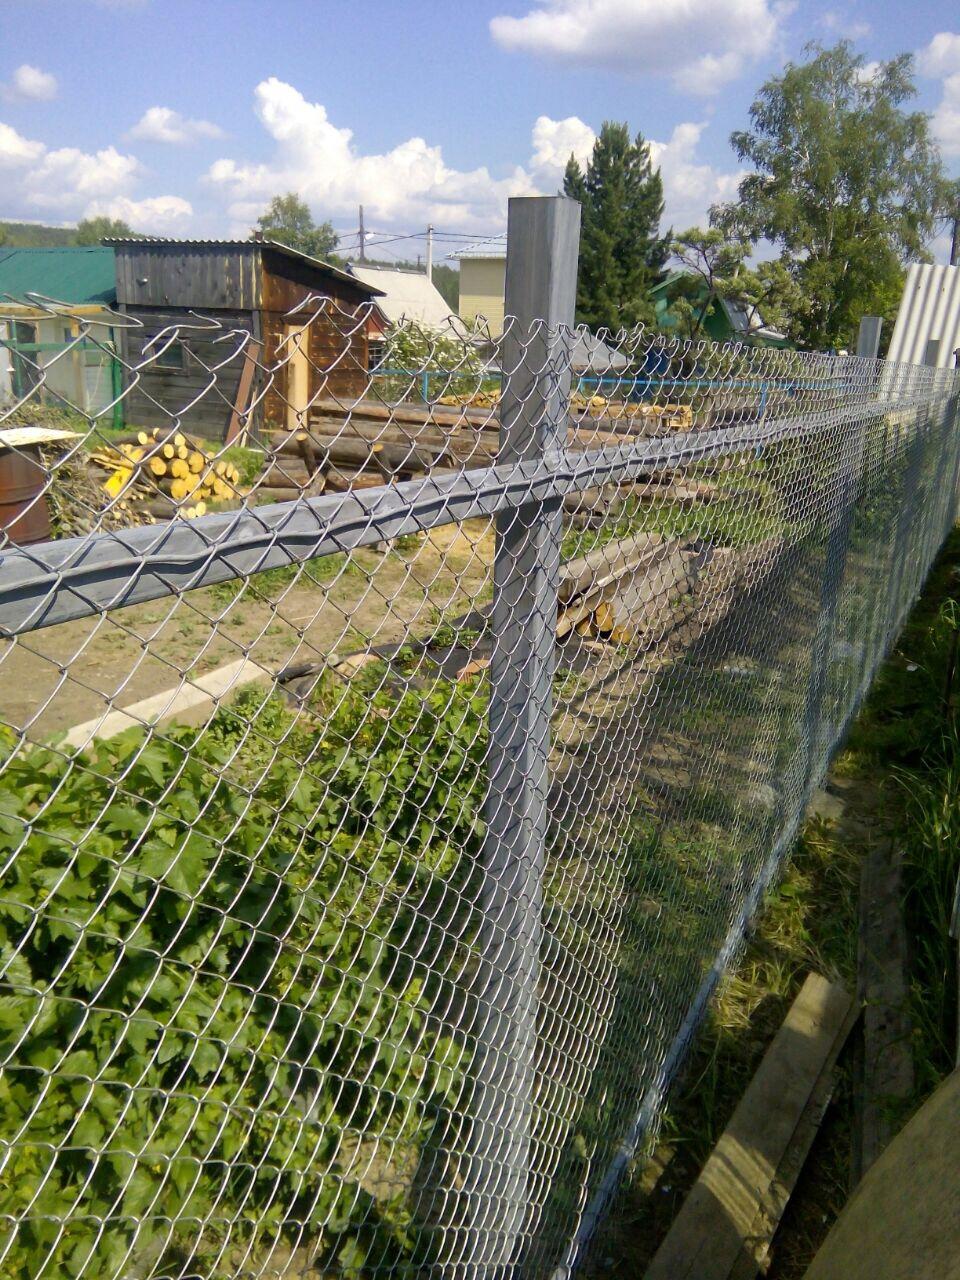 нескольких забор из сетки рабицы фото г иркутск только после